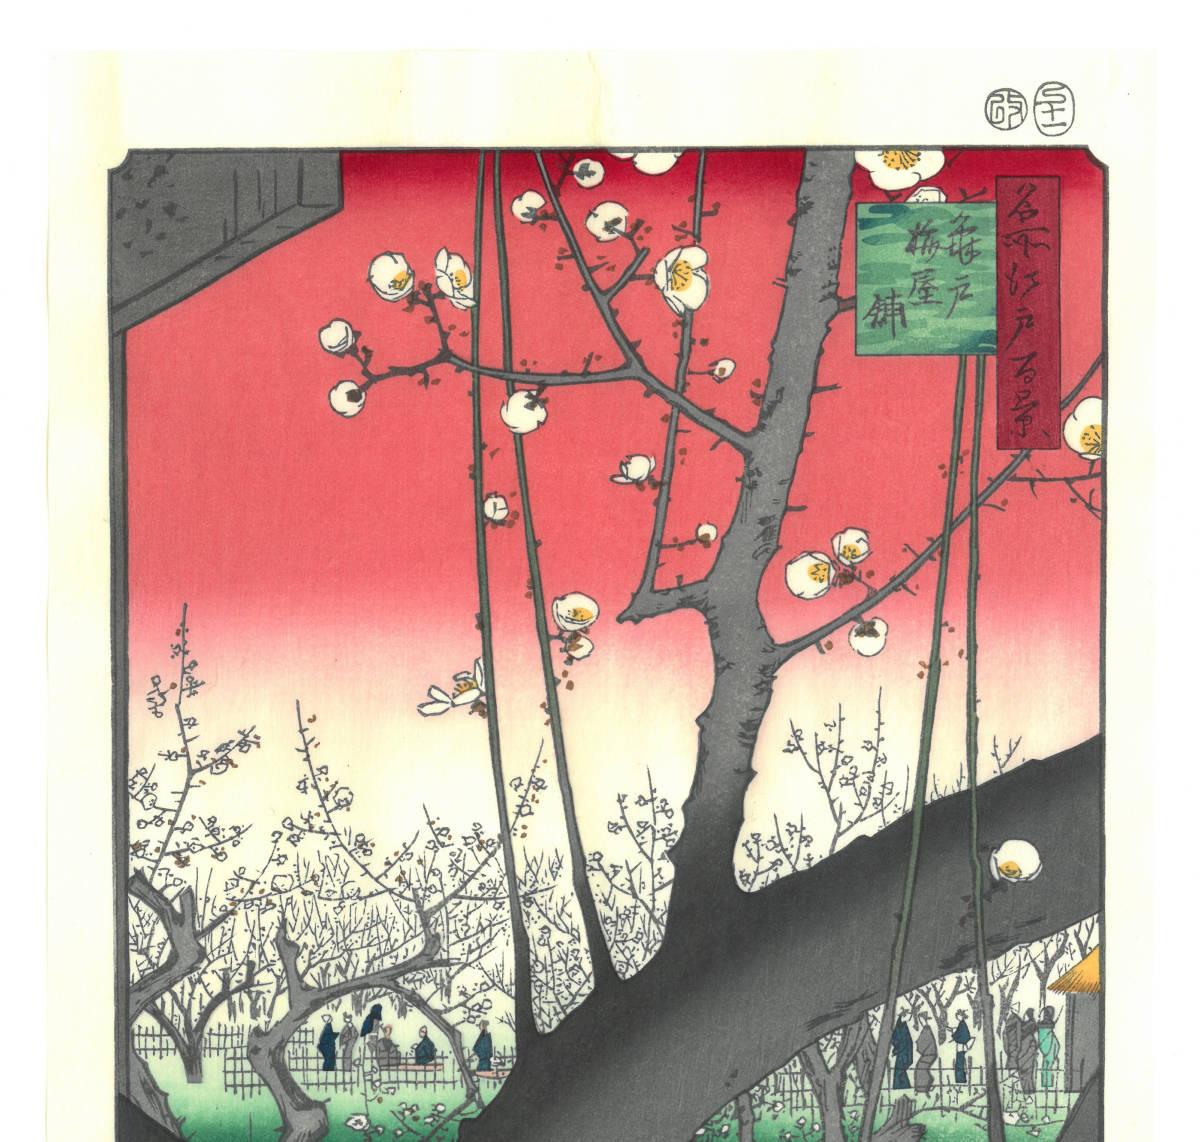 歌川広重 (Utagawa Hiroshige) 木版画 江戸百景 #30. 亀戸梅屋舗 初版1856-58年頃 広重の木版画の真の素晴らしさをご堪能下さい!_画像2